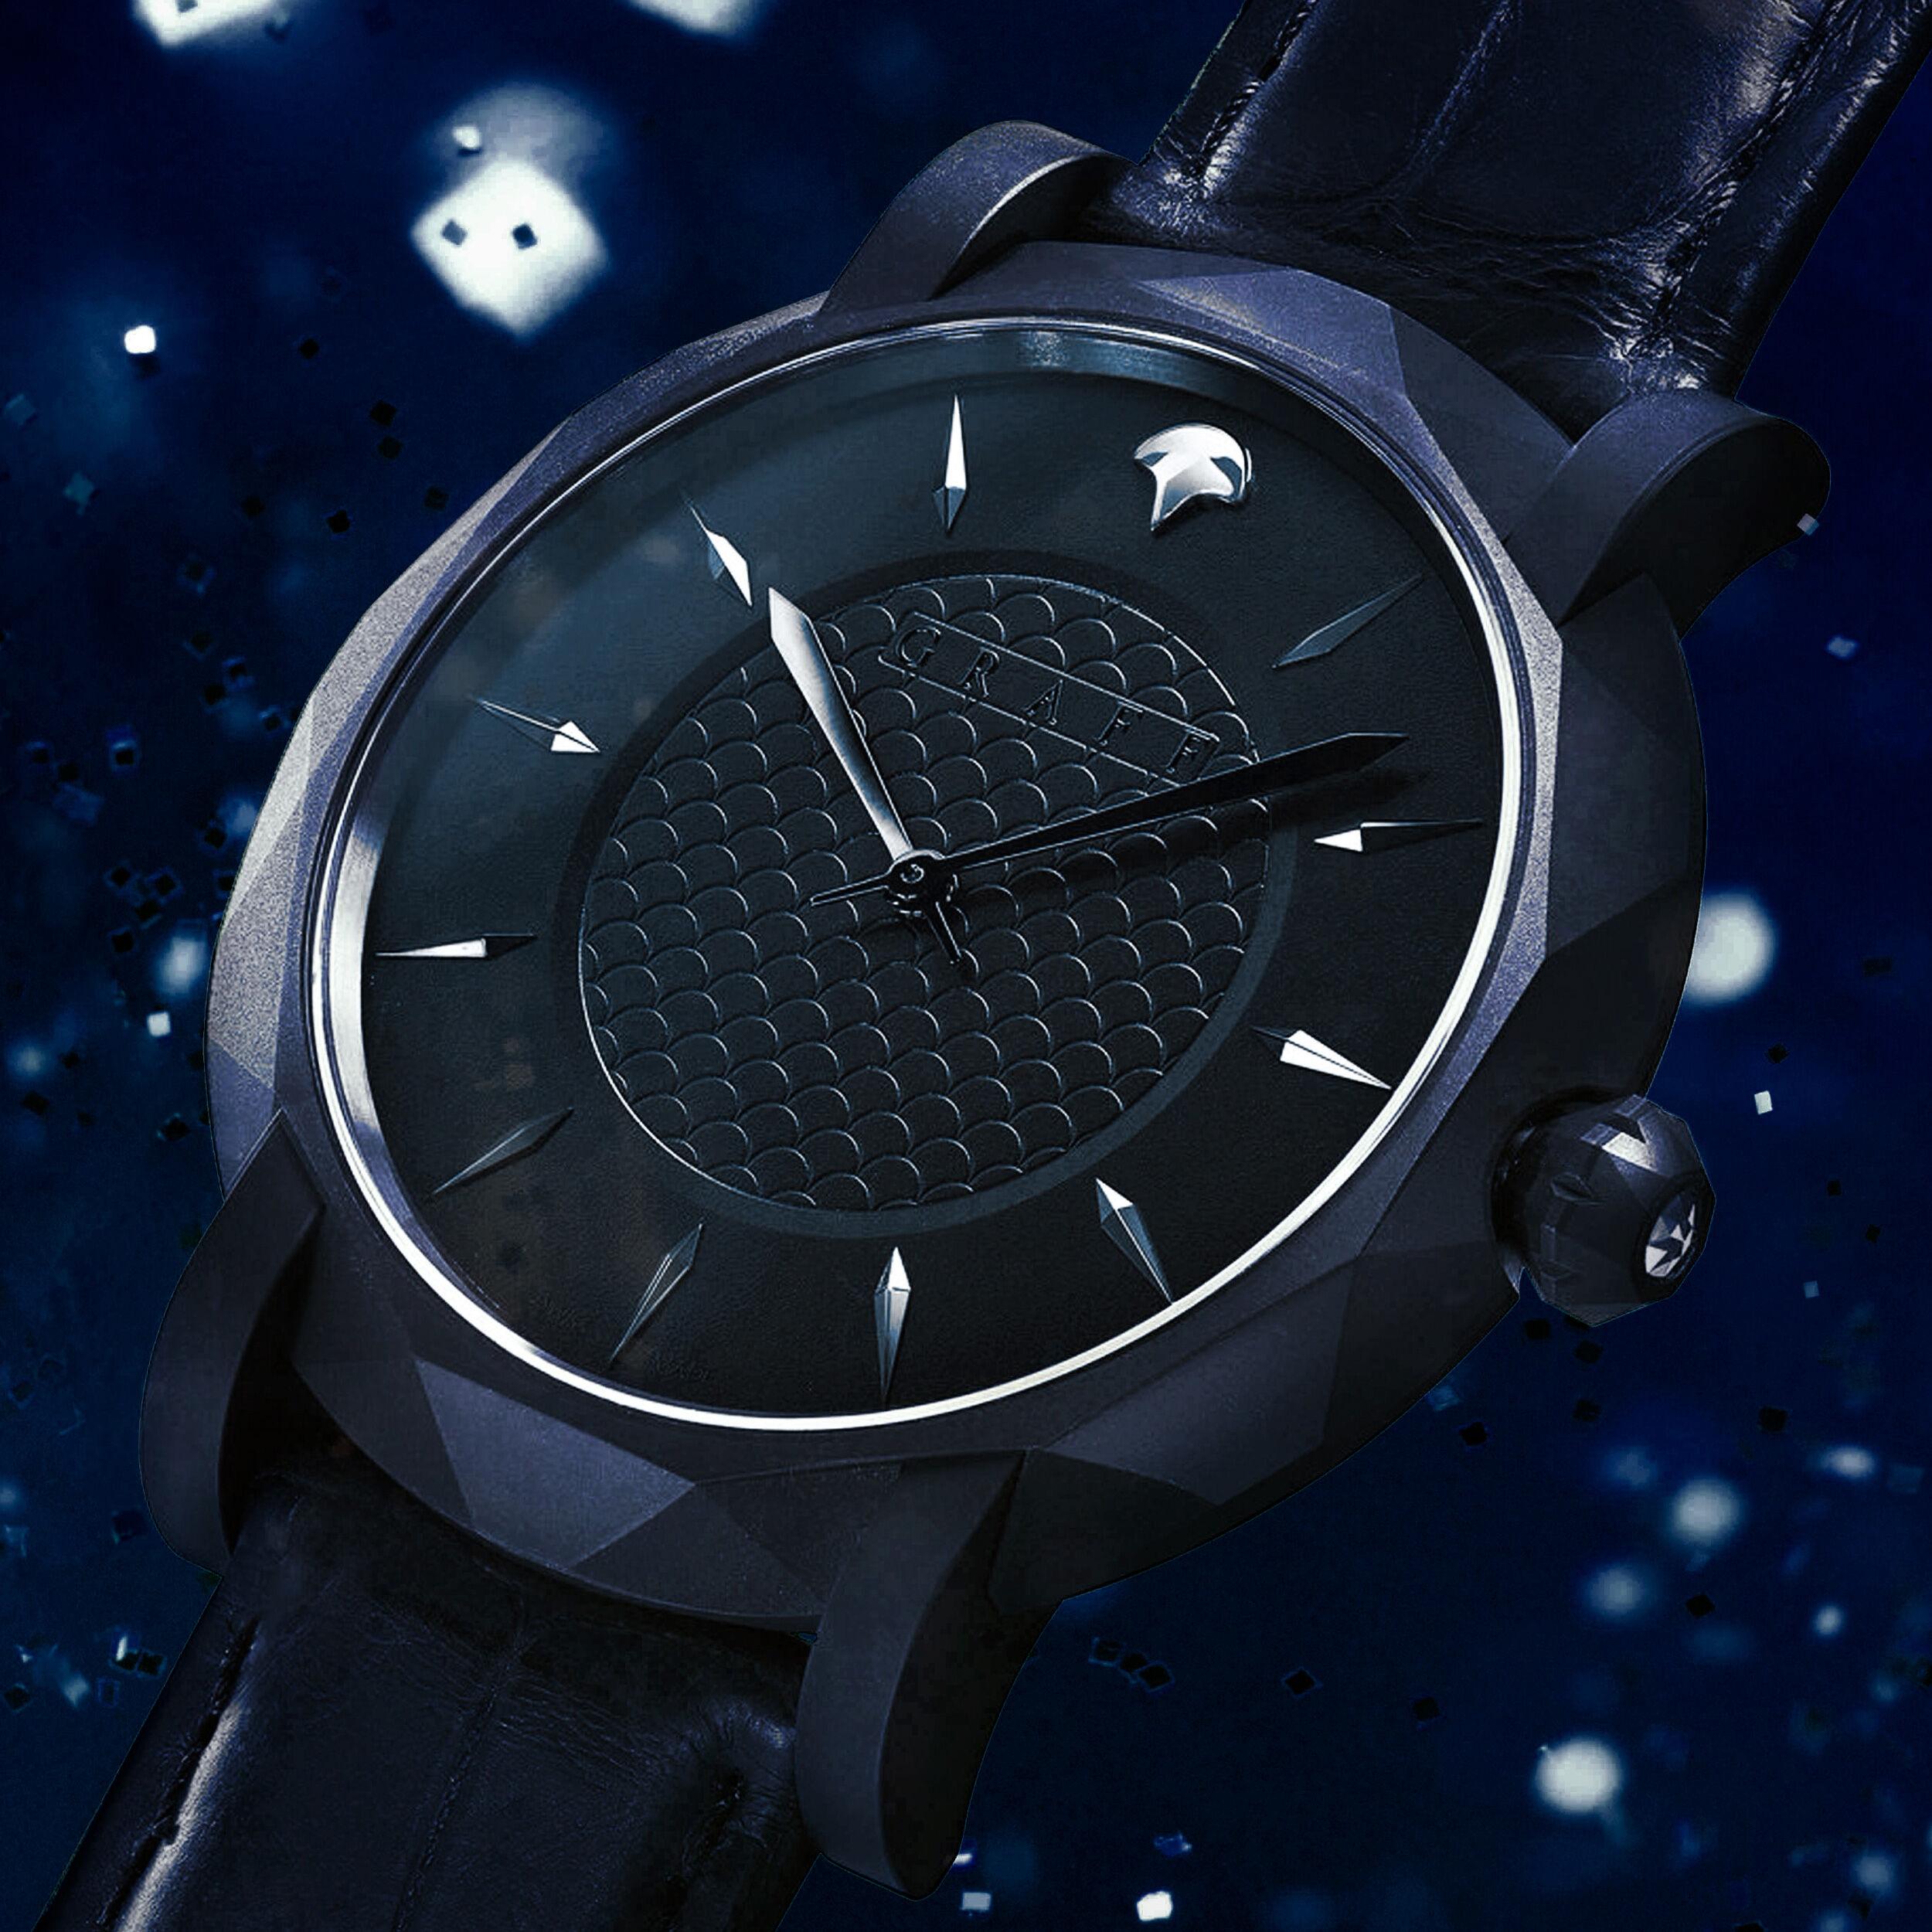 Graff Eclipse watch